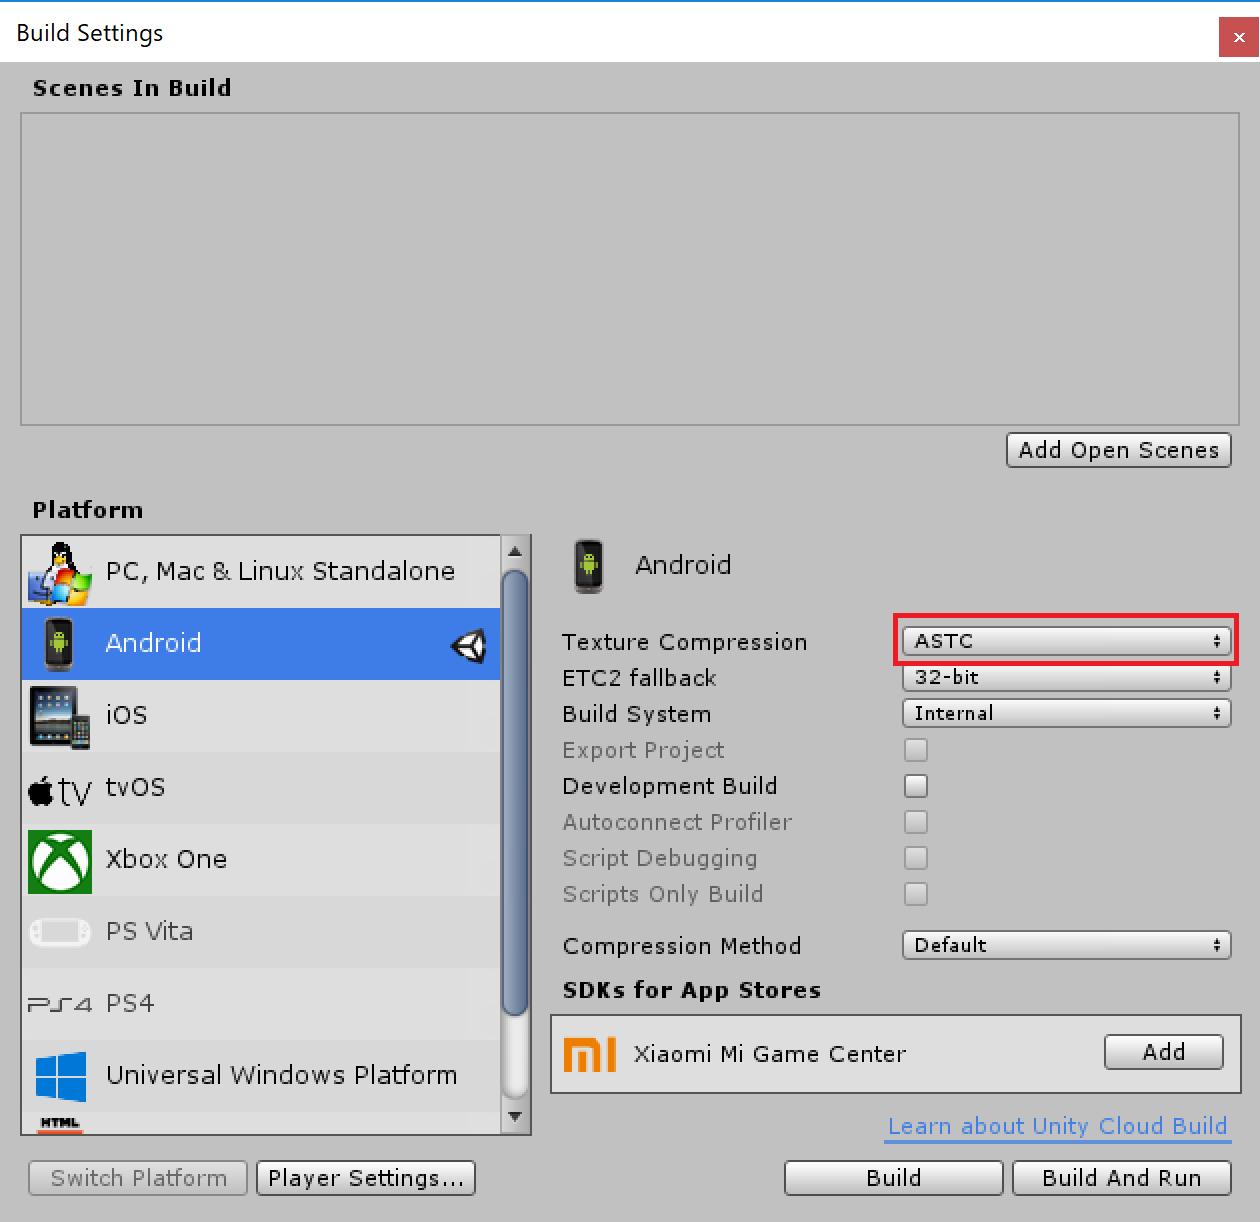 03-build-settings.png